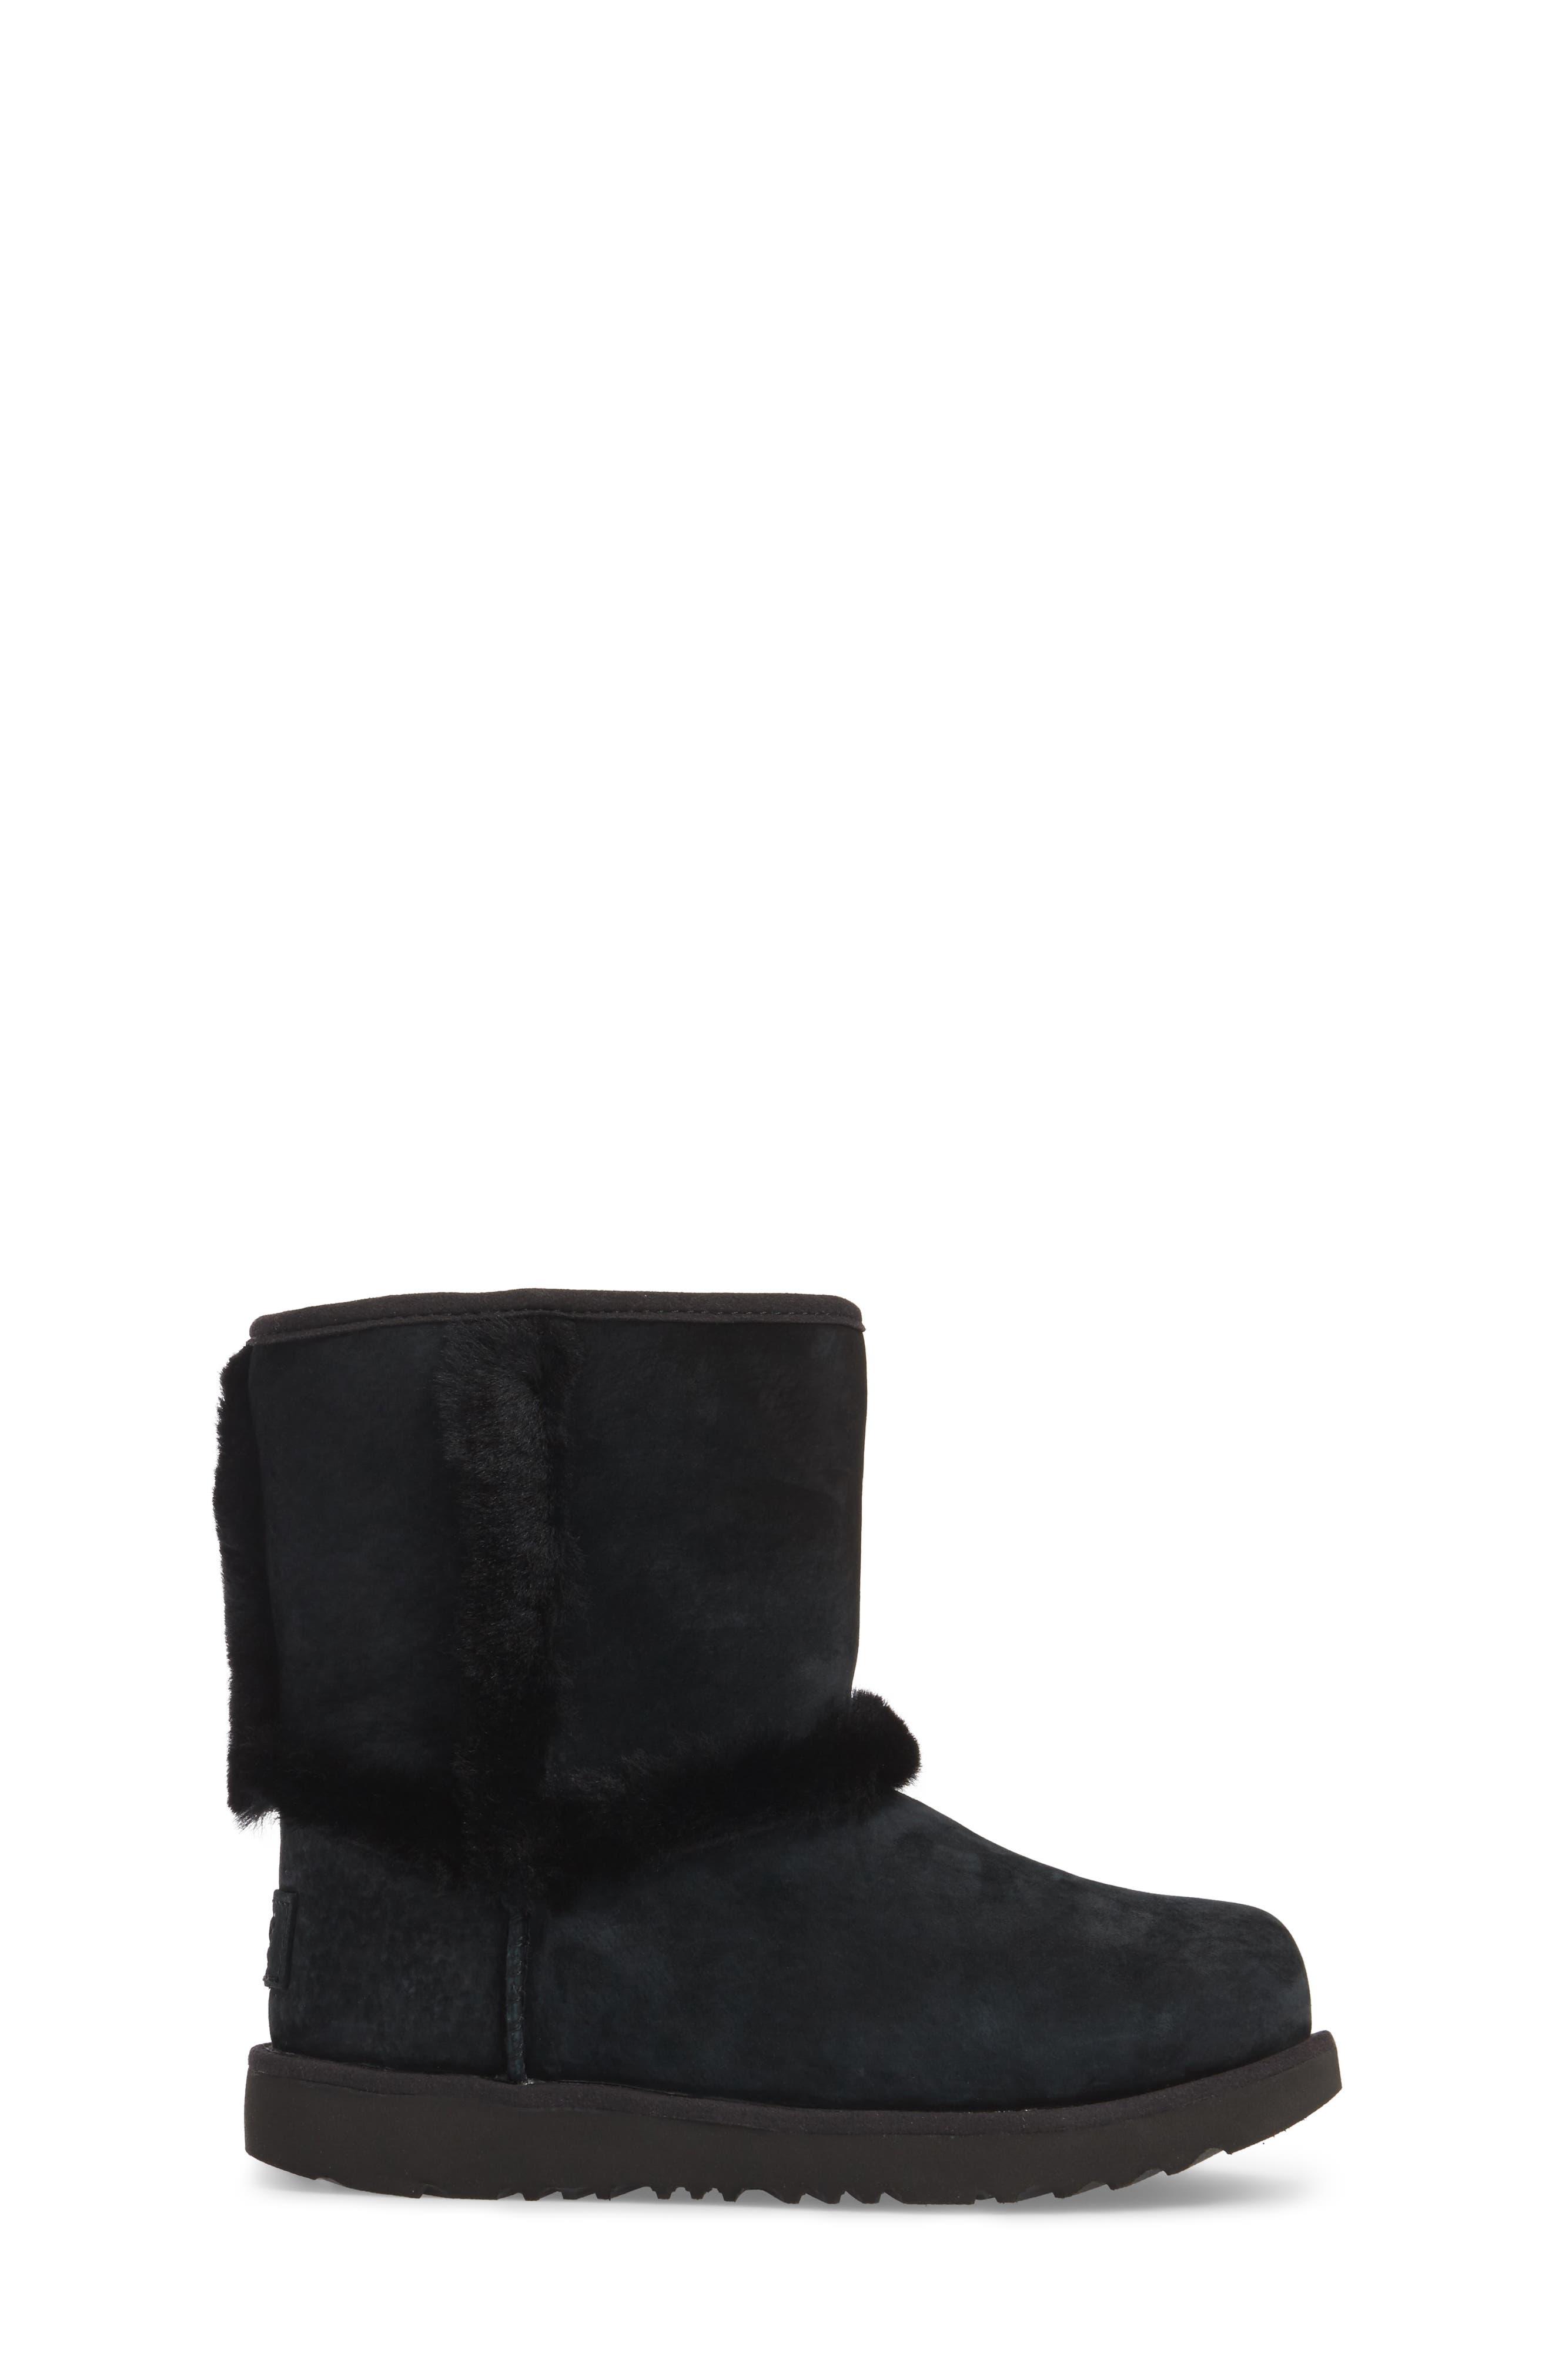 Hadley II Waterproof Boot,                             Alternate thumbnail 3, color,                             Black